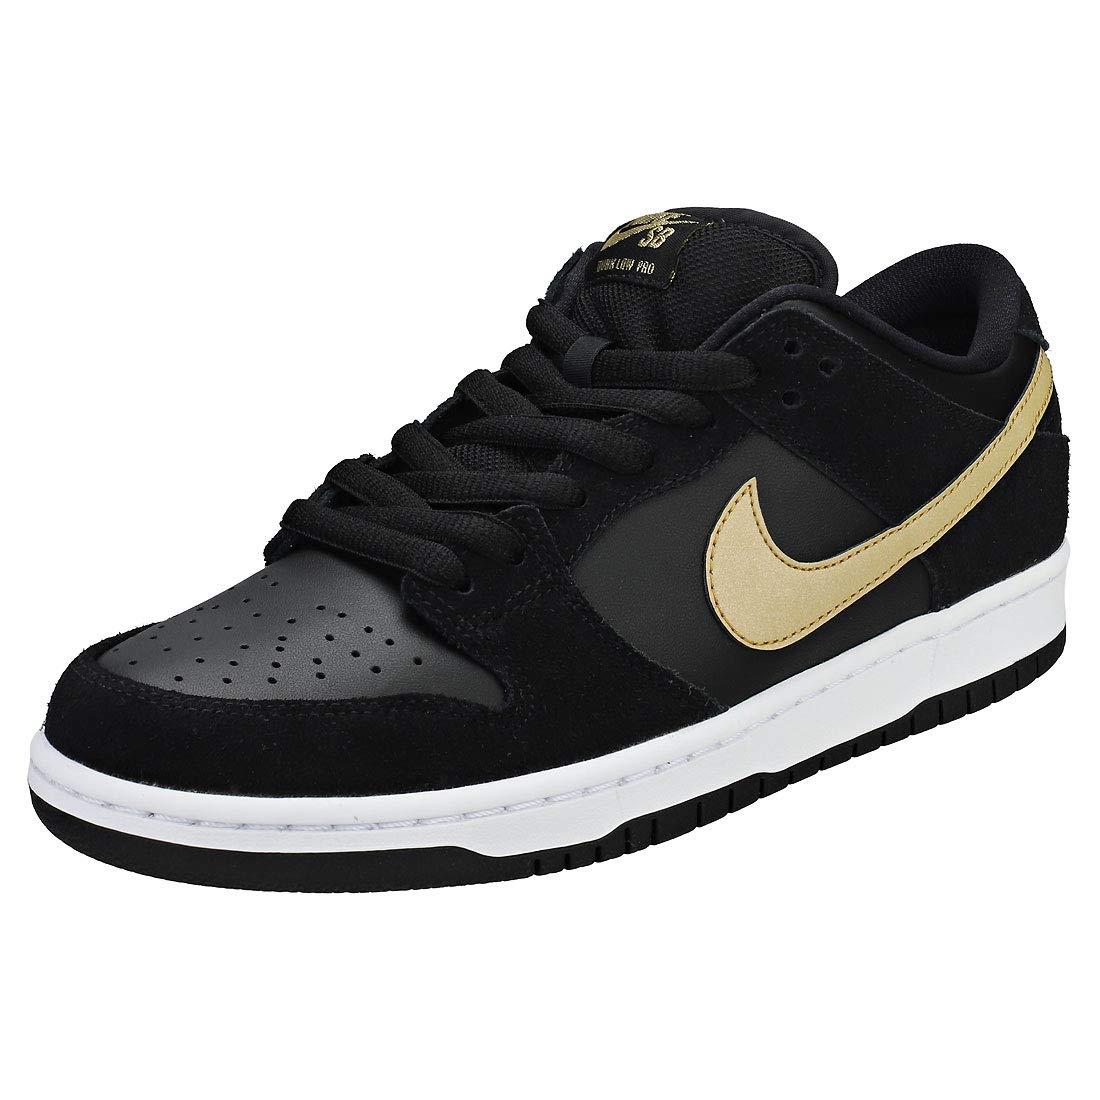 - Nike SB Dunk Low PRO 'Takashi' - BQ6817-002